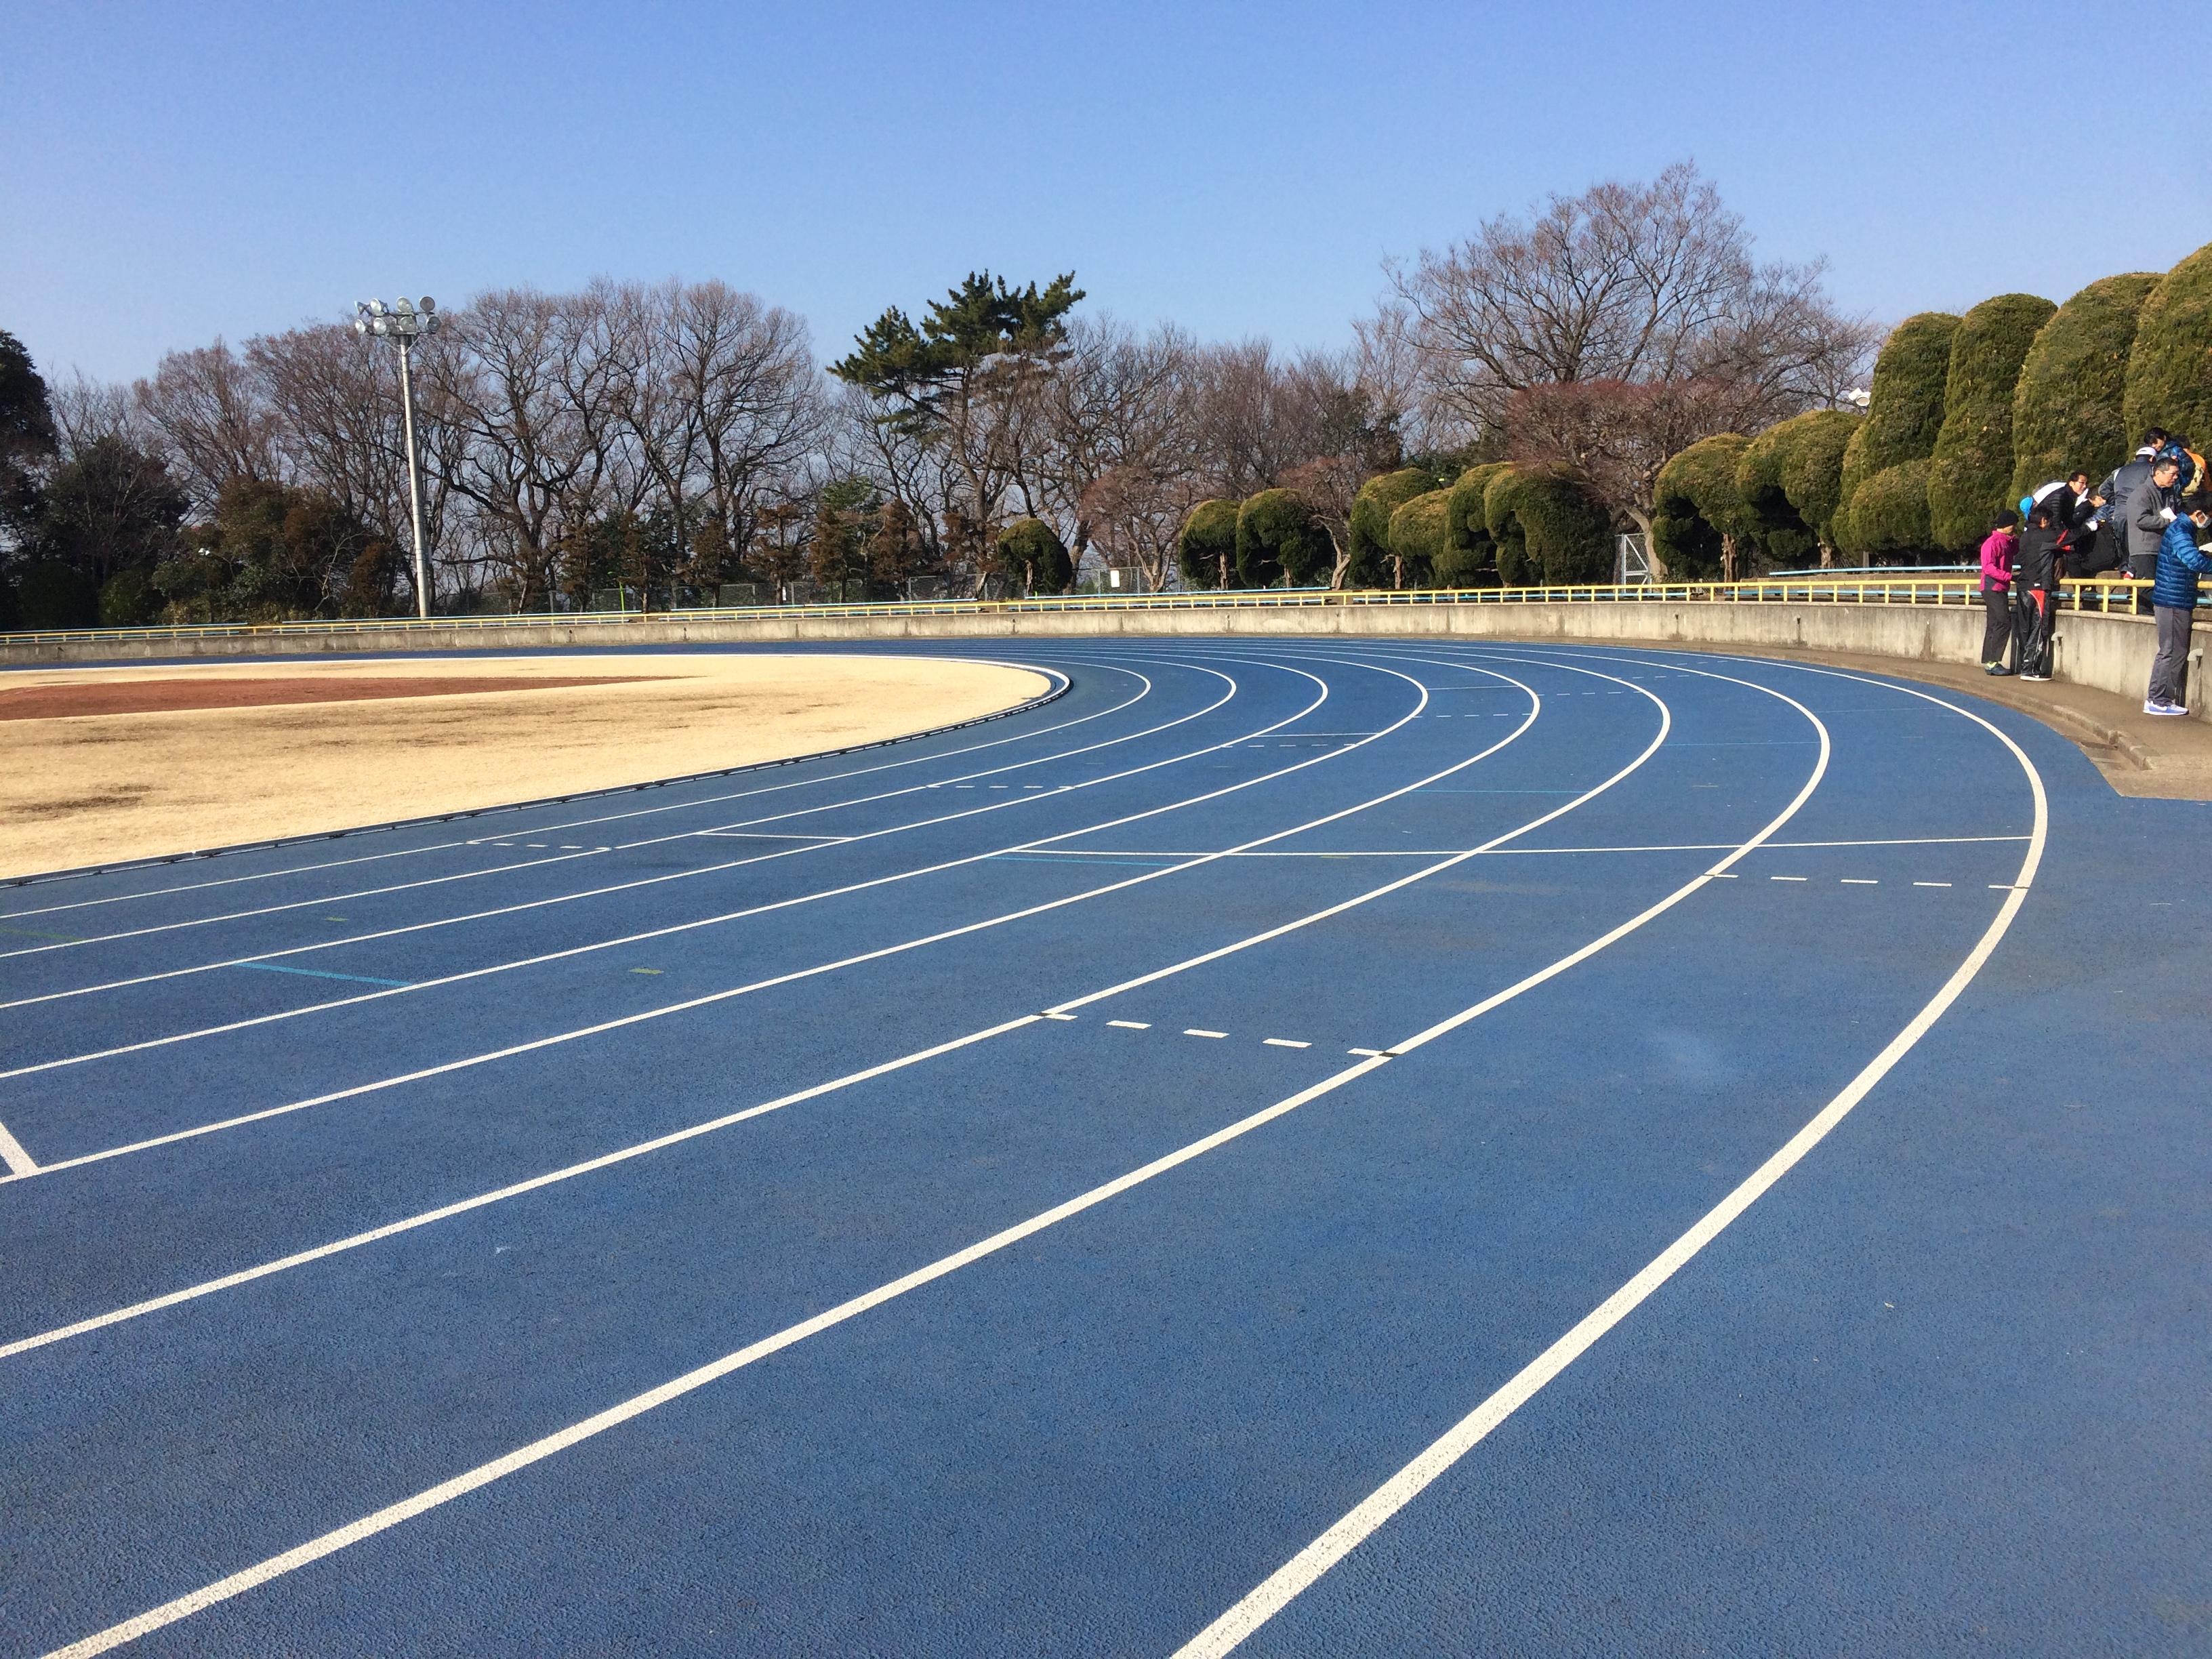 アラ還マラソン練習日記 400メートル4分のインターバル10本!「これが青春だ!」?